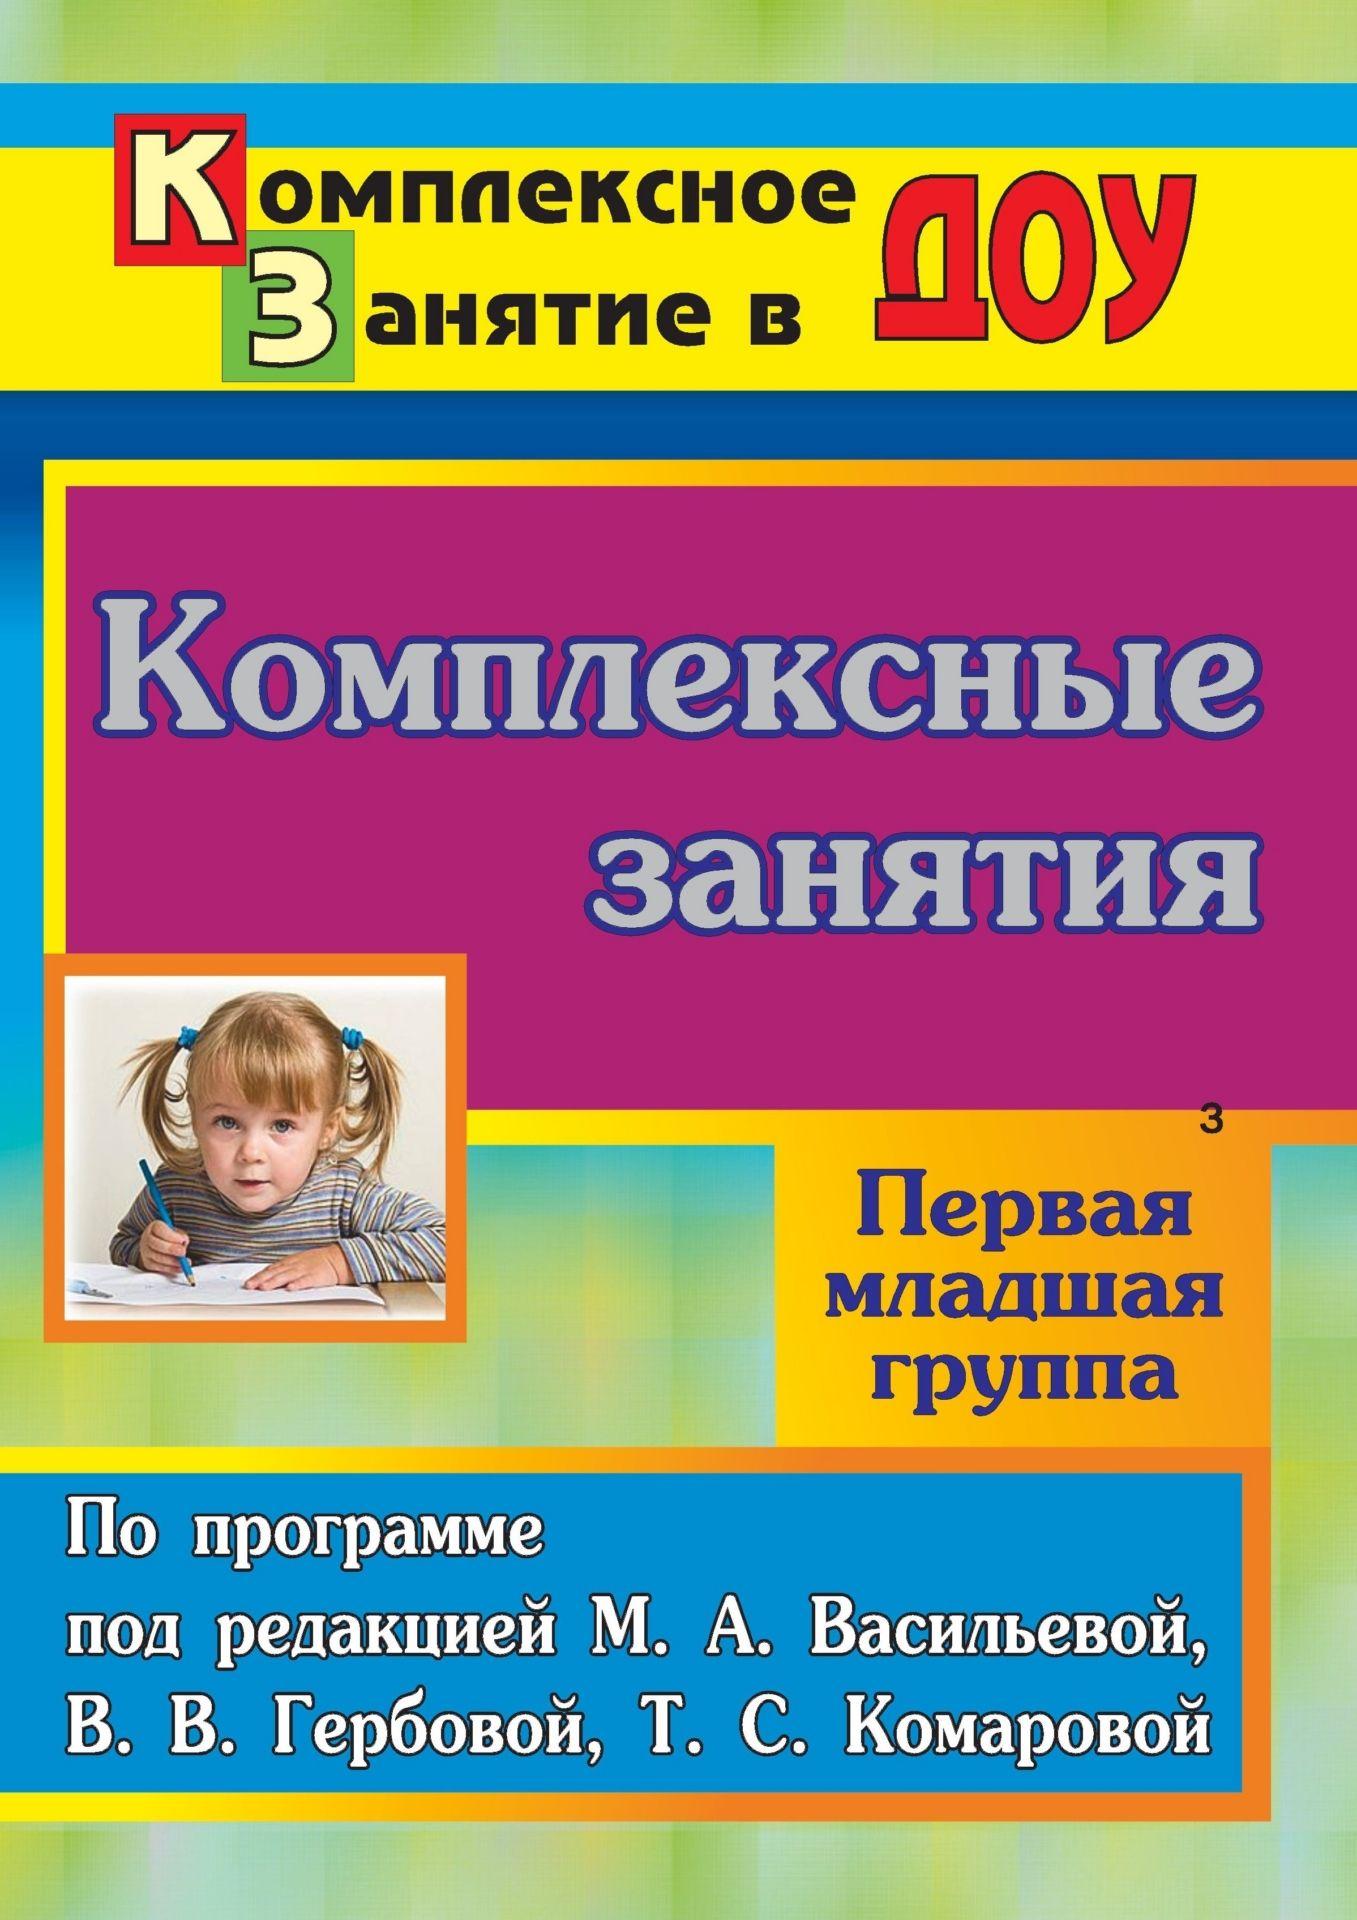 Комплексные занятия по программе под редакцией М. А. Васильевой, В. В. Гербовой, Т. С. Комаровой. Первая младшая группа